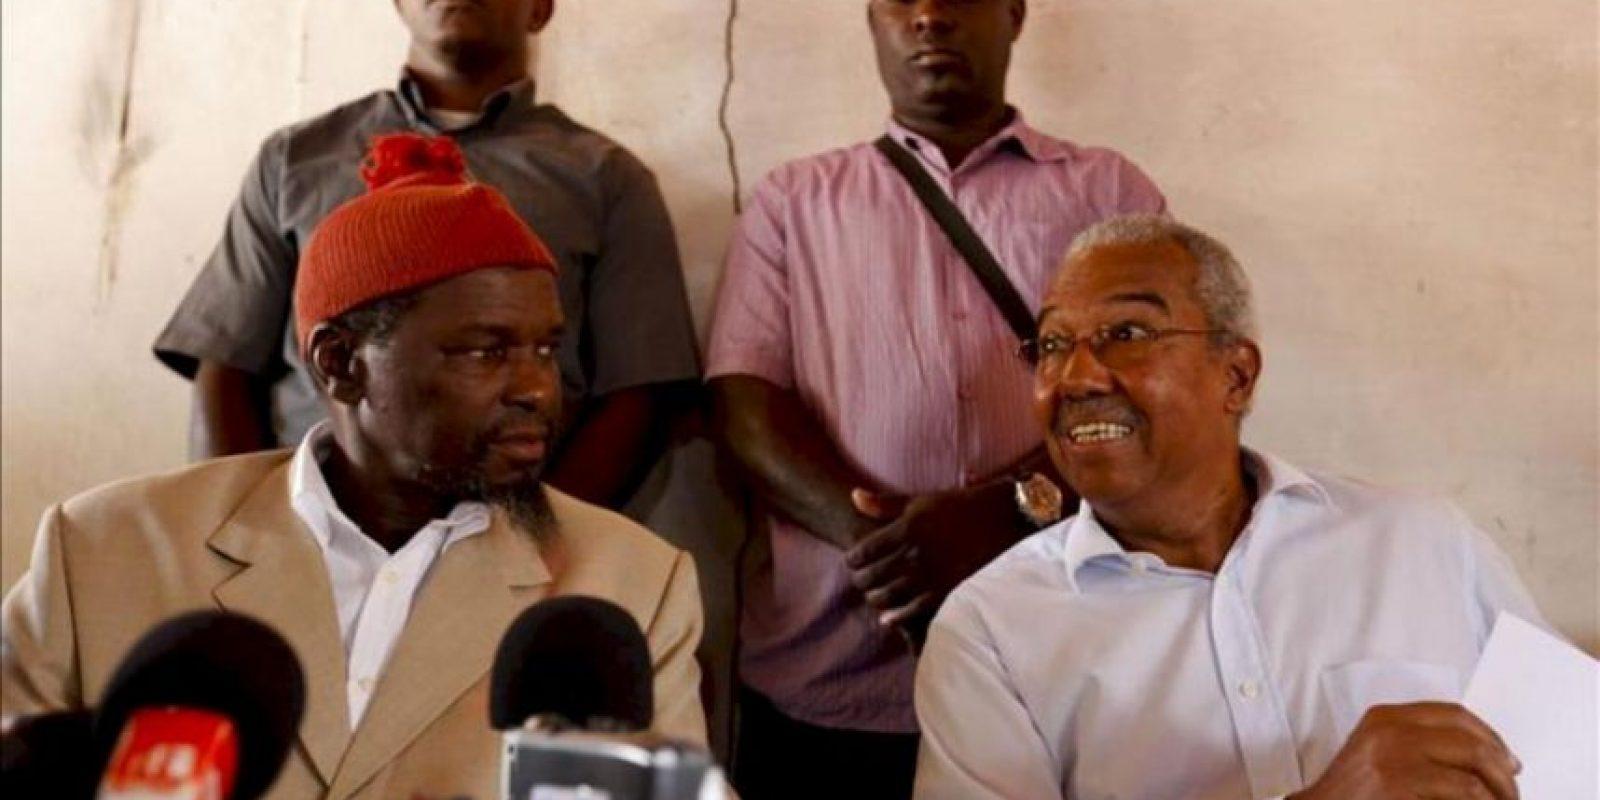 Koumba Yala (i), el líder del principal partido opositor, el Partido de Renovación Social (PRS) y el ex presidente y candidato presidencial independiente Henrique Rosa (d) se dirigen a los medios de comunicación durante una rueda de prensa. EFE